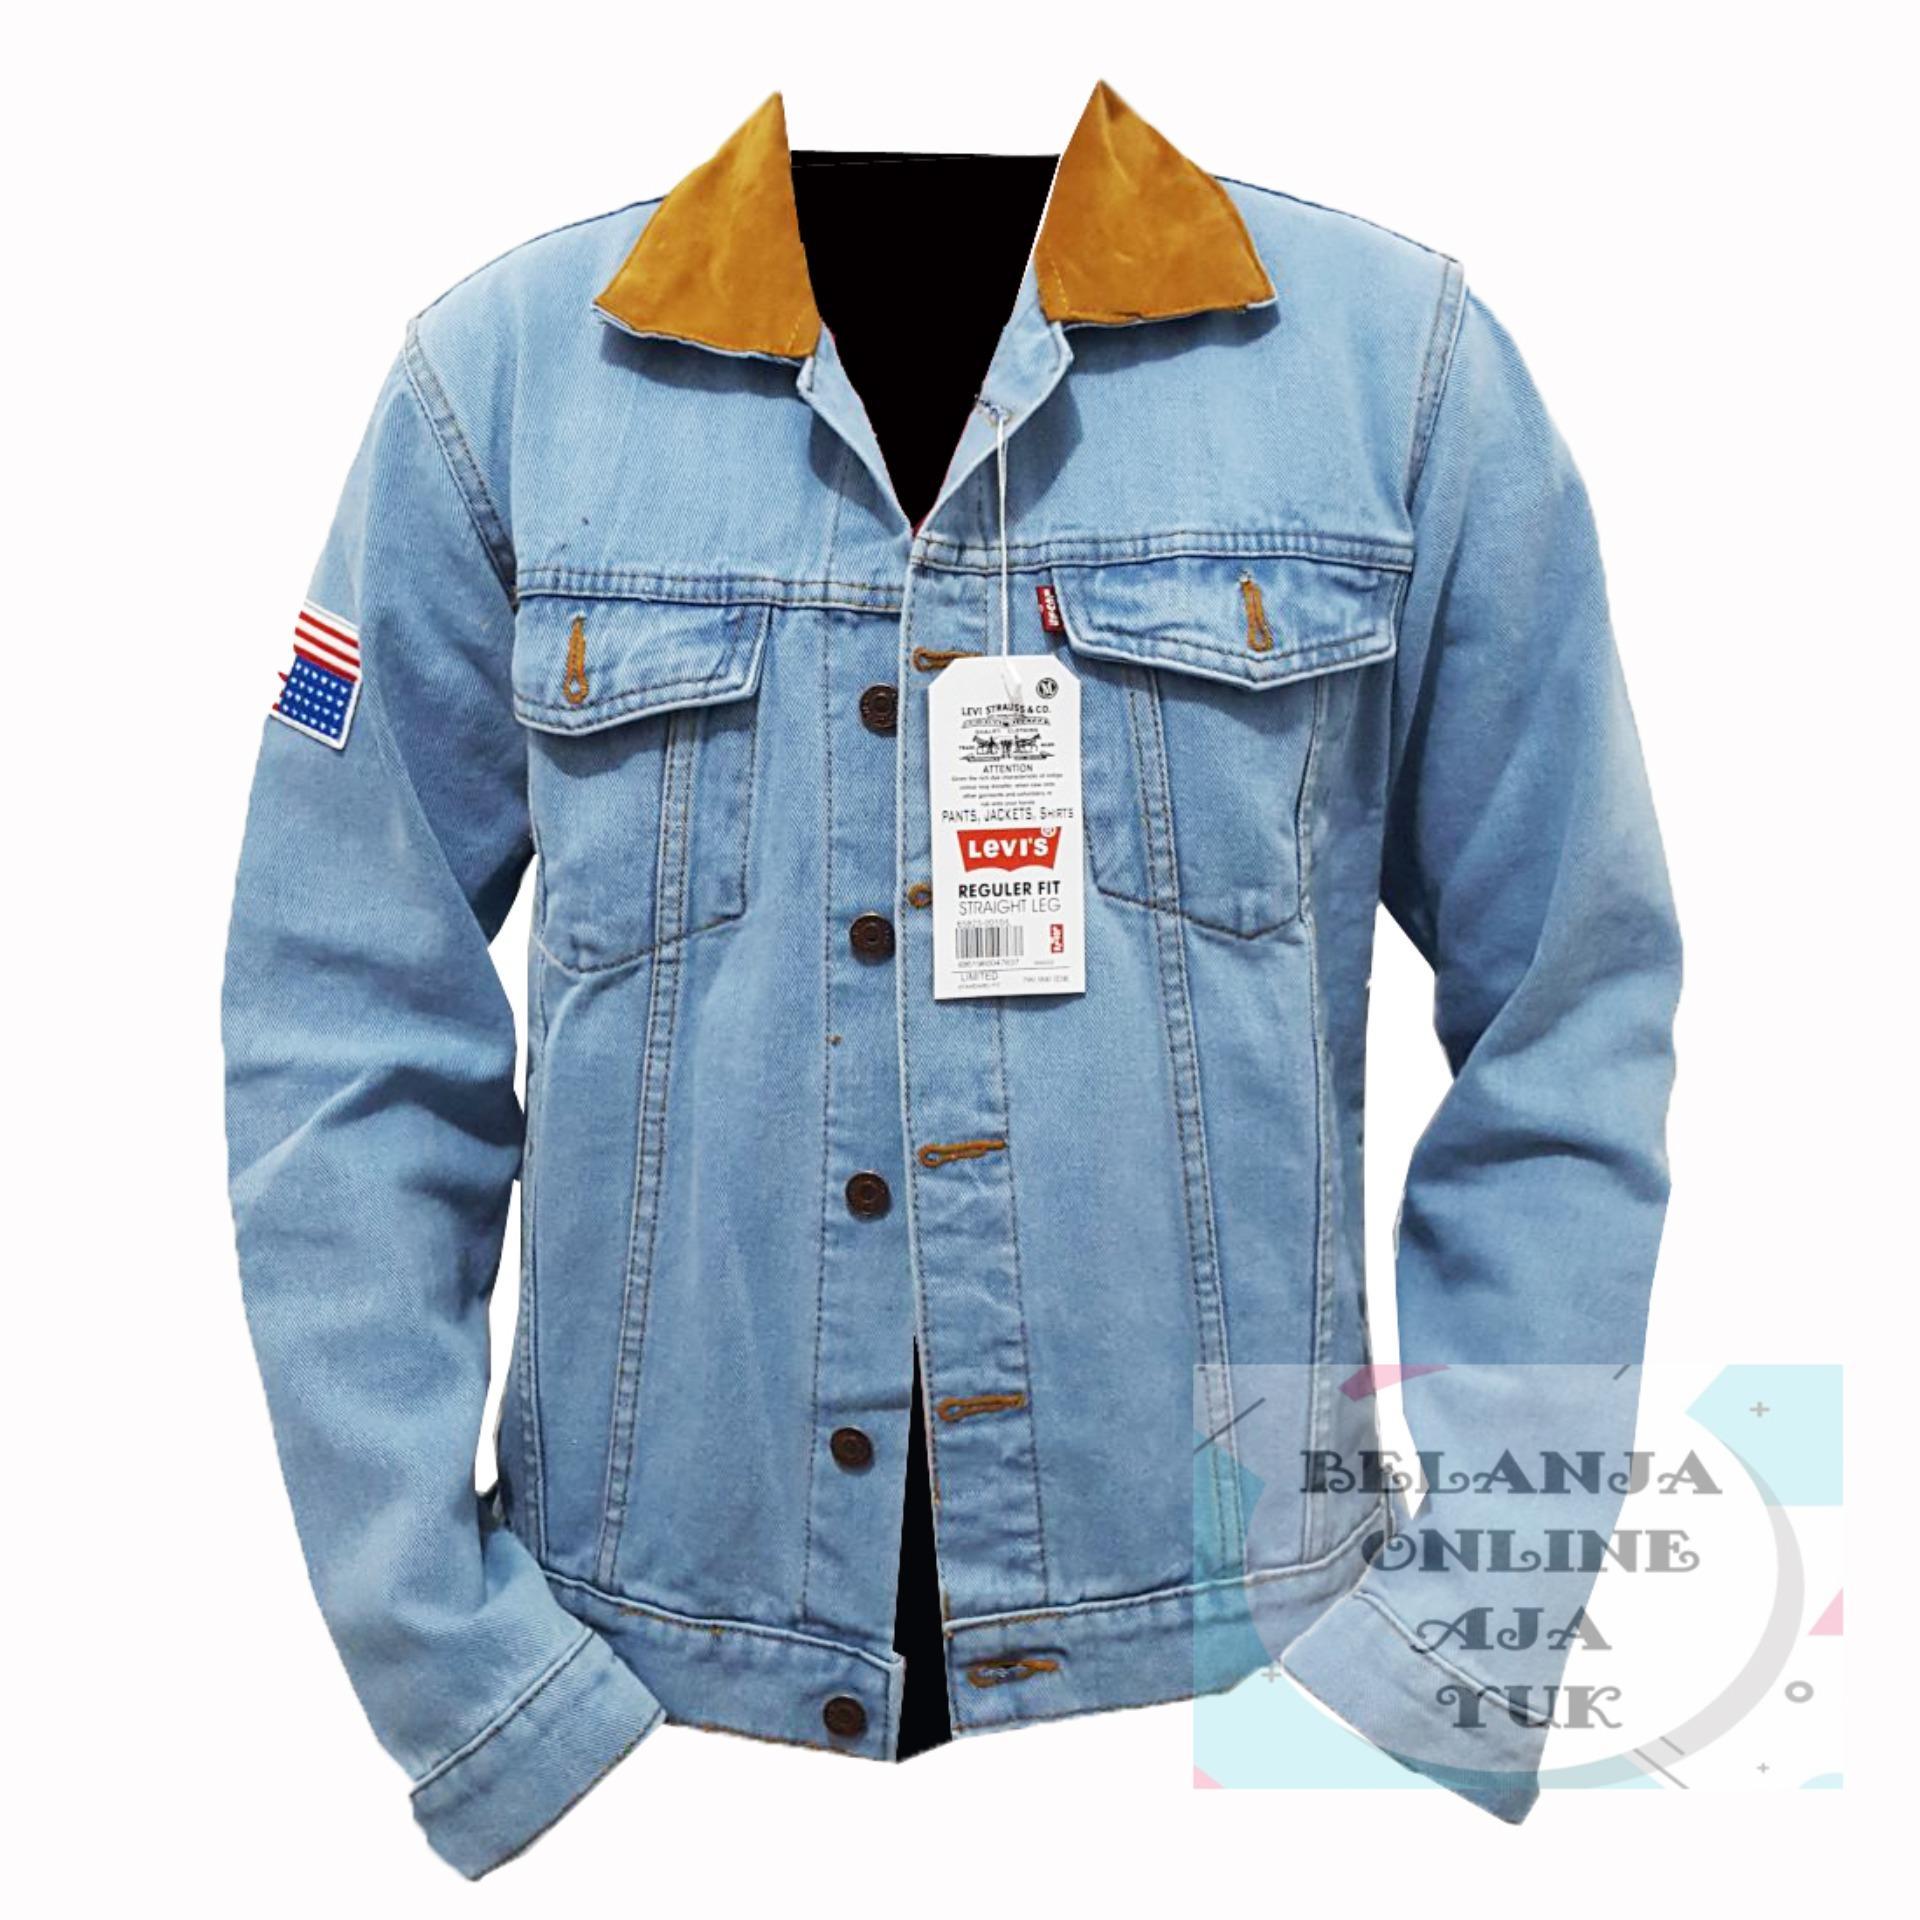 Jaket Jeans Dilan 1990  cowok dan cewek terlaris / murah / original